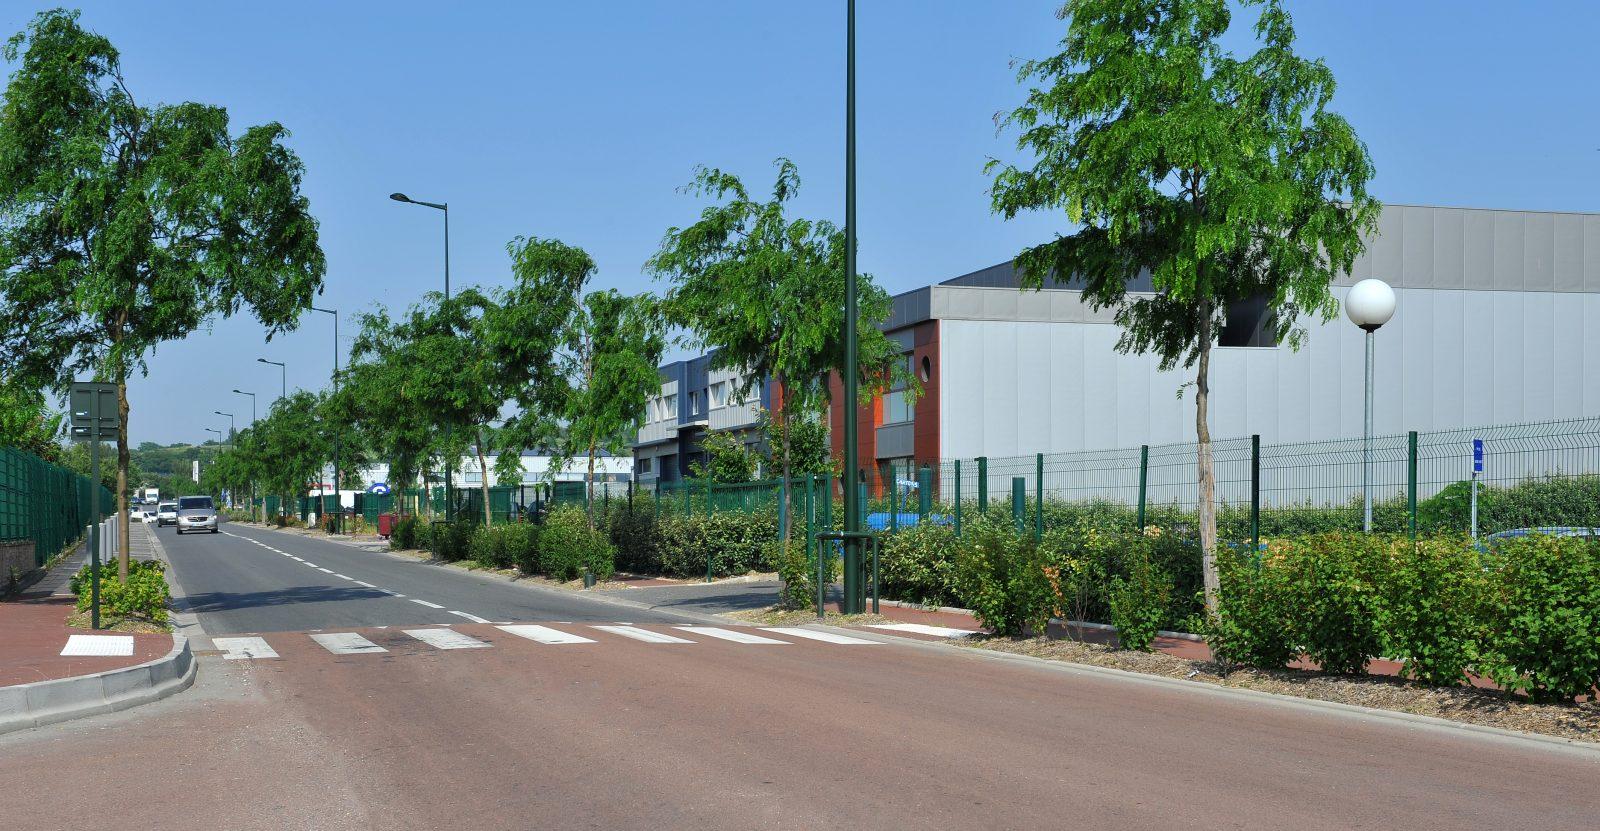 Des bâtiments et des espaces publics de qualité, Photo Jean-Paul HOUDRY